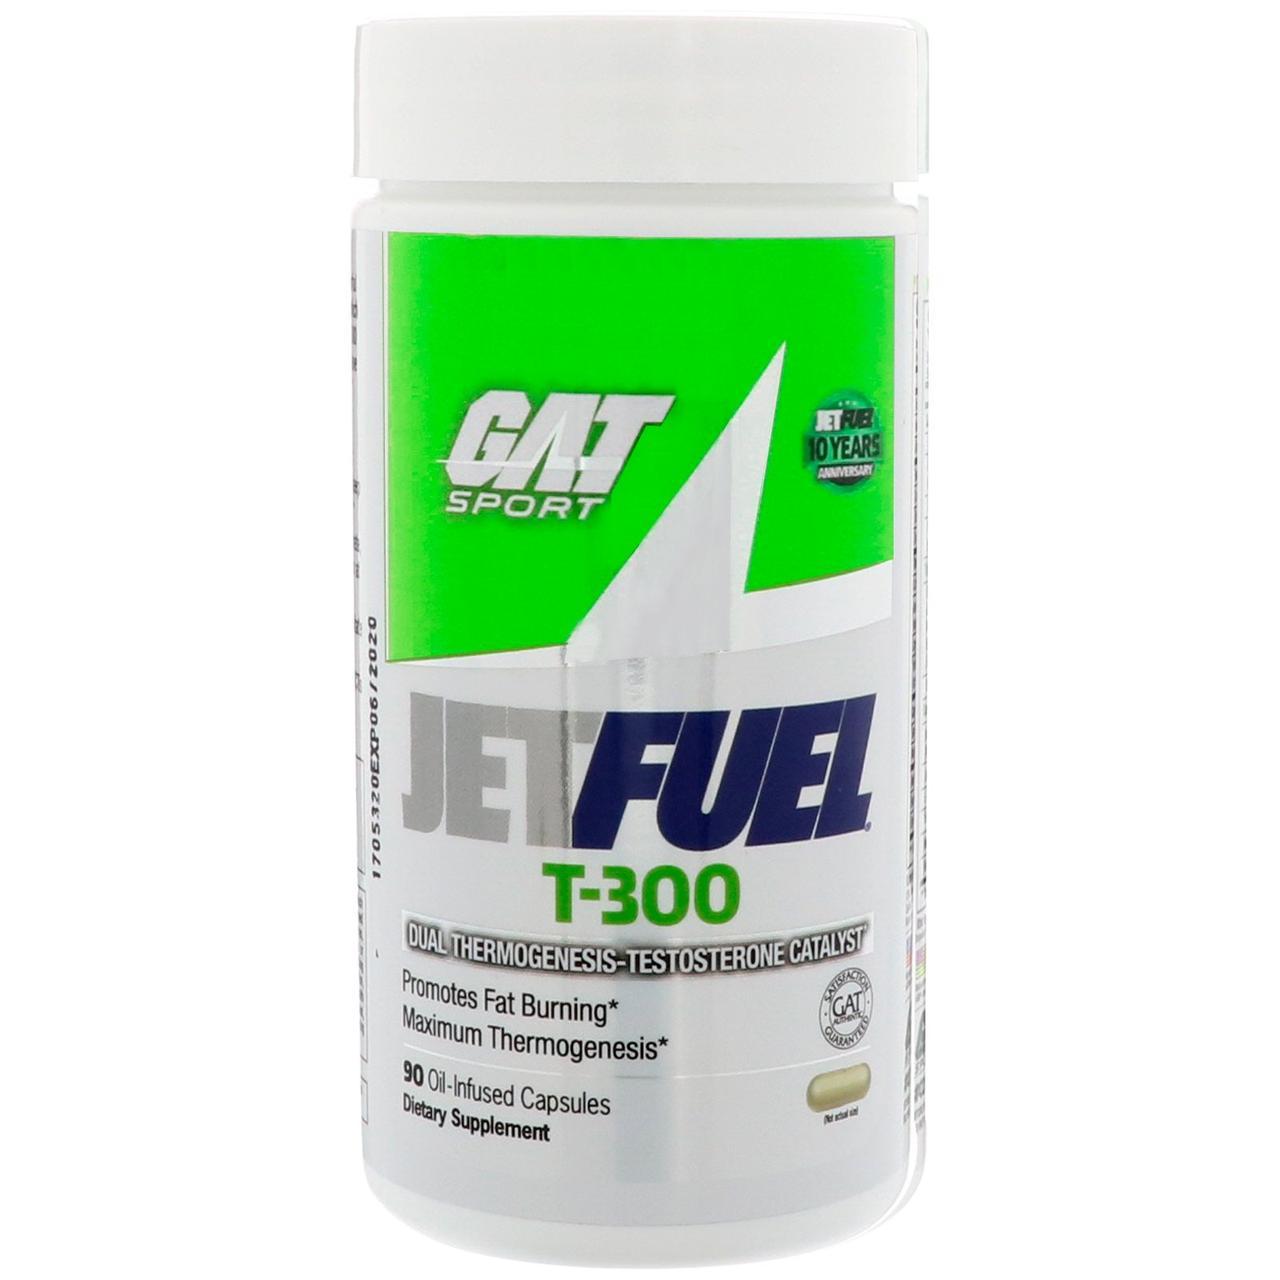 GAT, Реактивное топливо T-300, Двойной катализатор термогенеза и тестостерона, 90 капсул с маслом